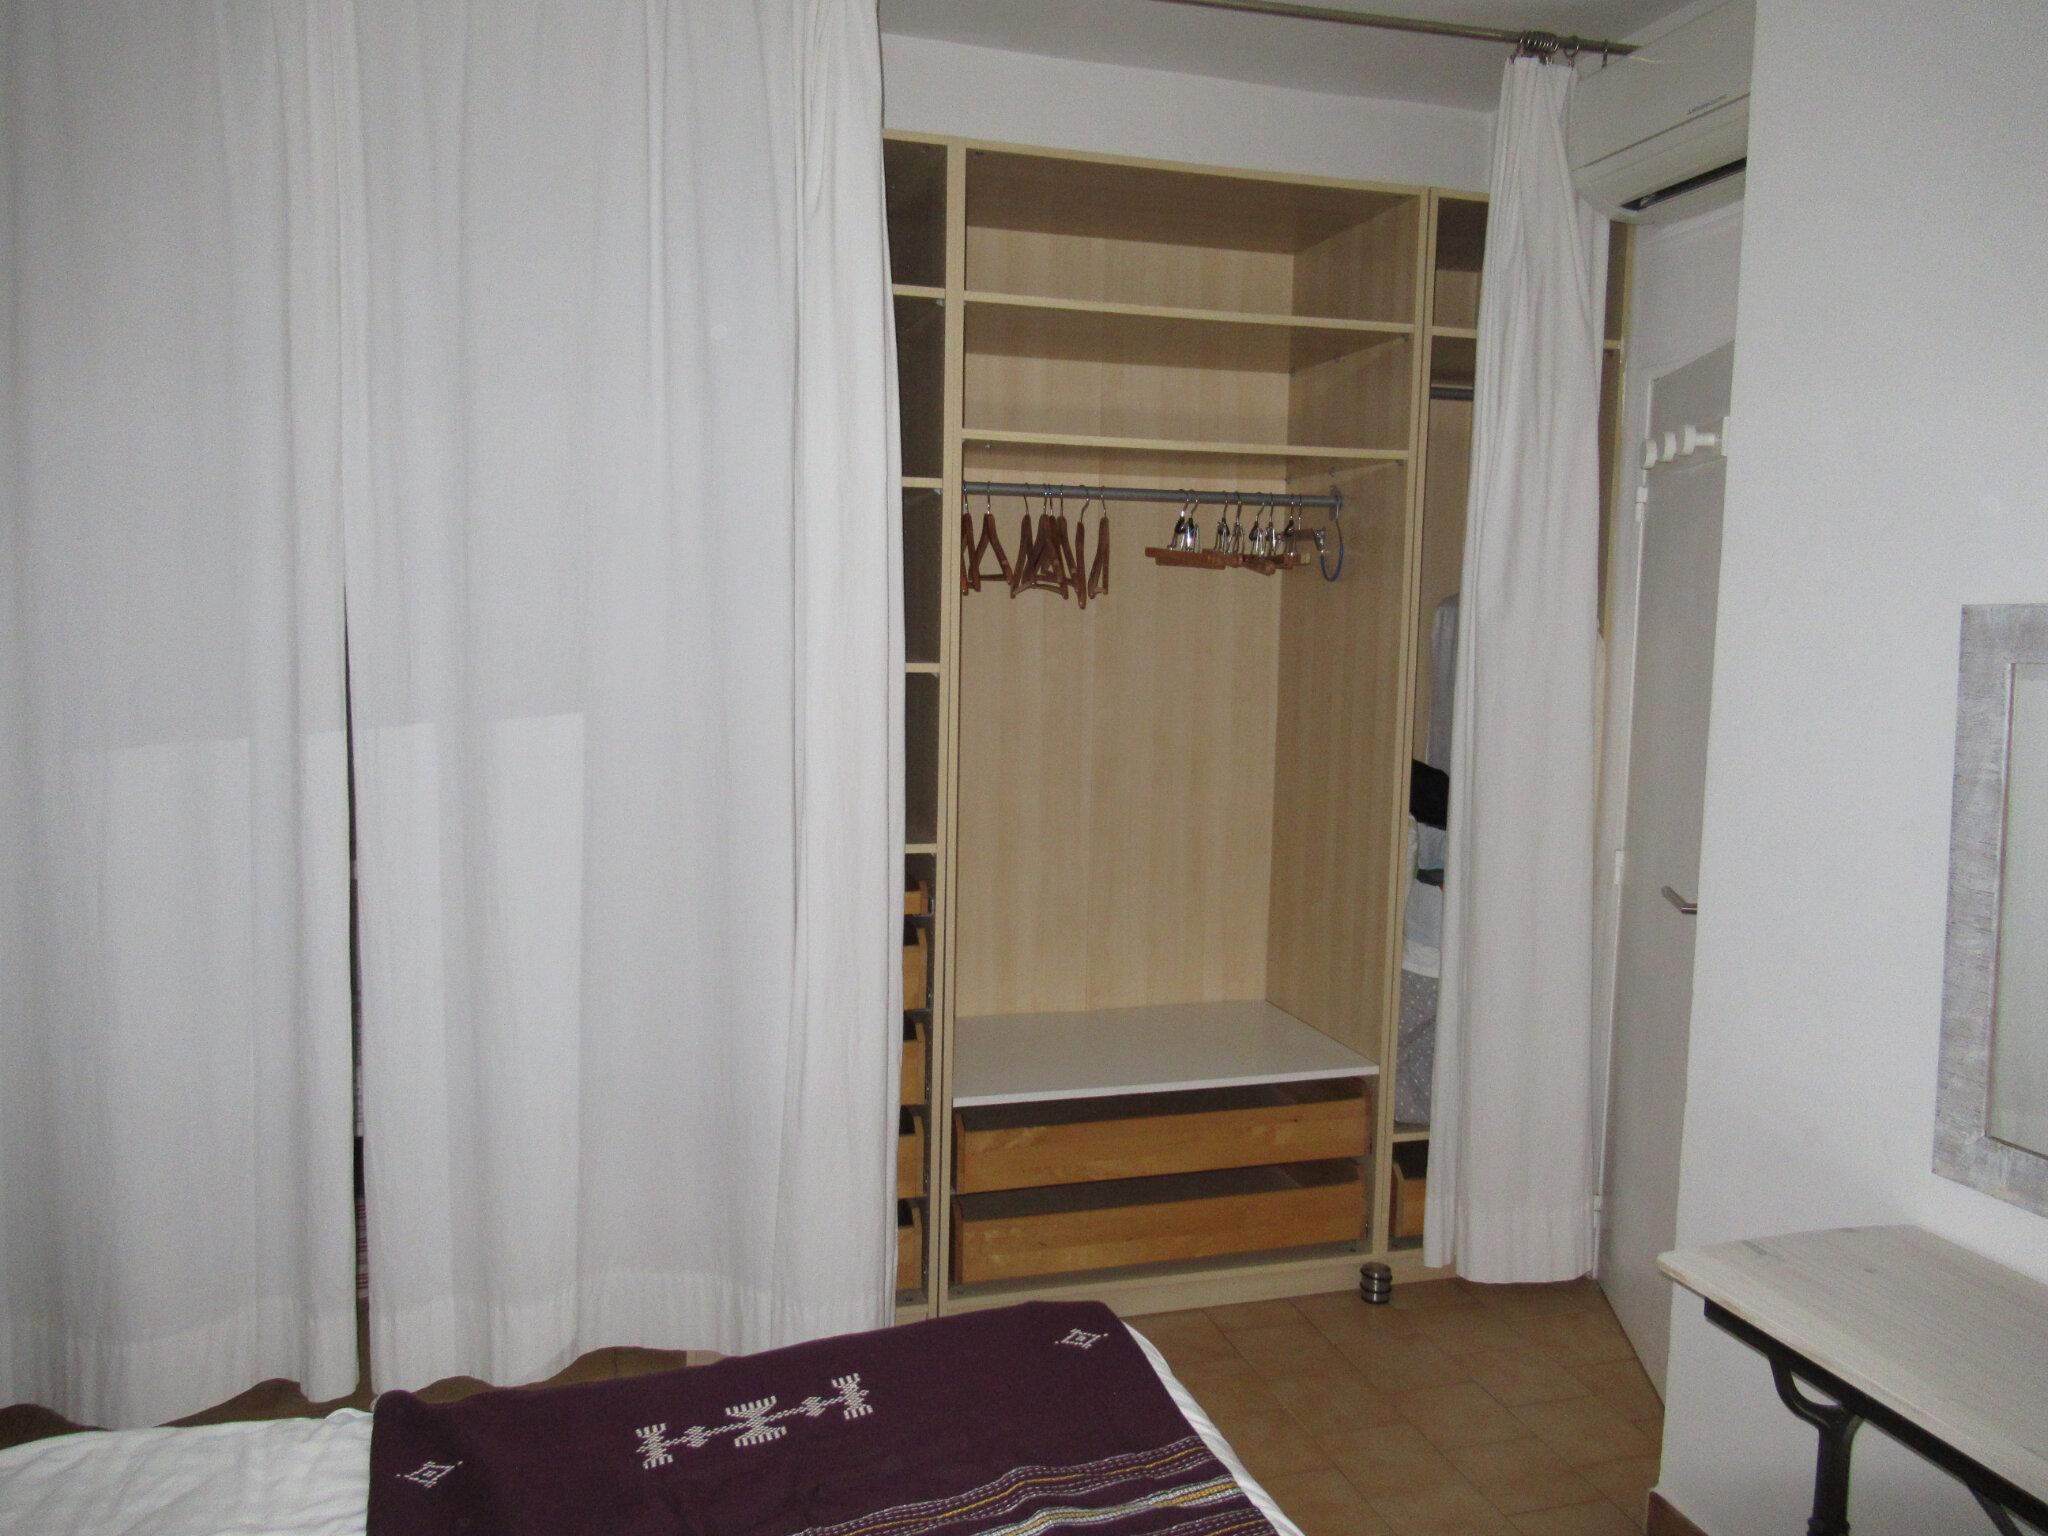 Les rideaux ferment le grand dressing et l'alcôve pour bébé